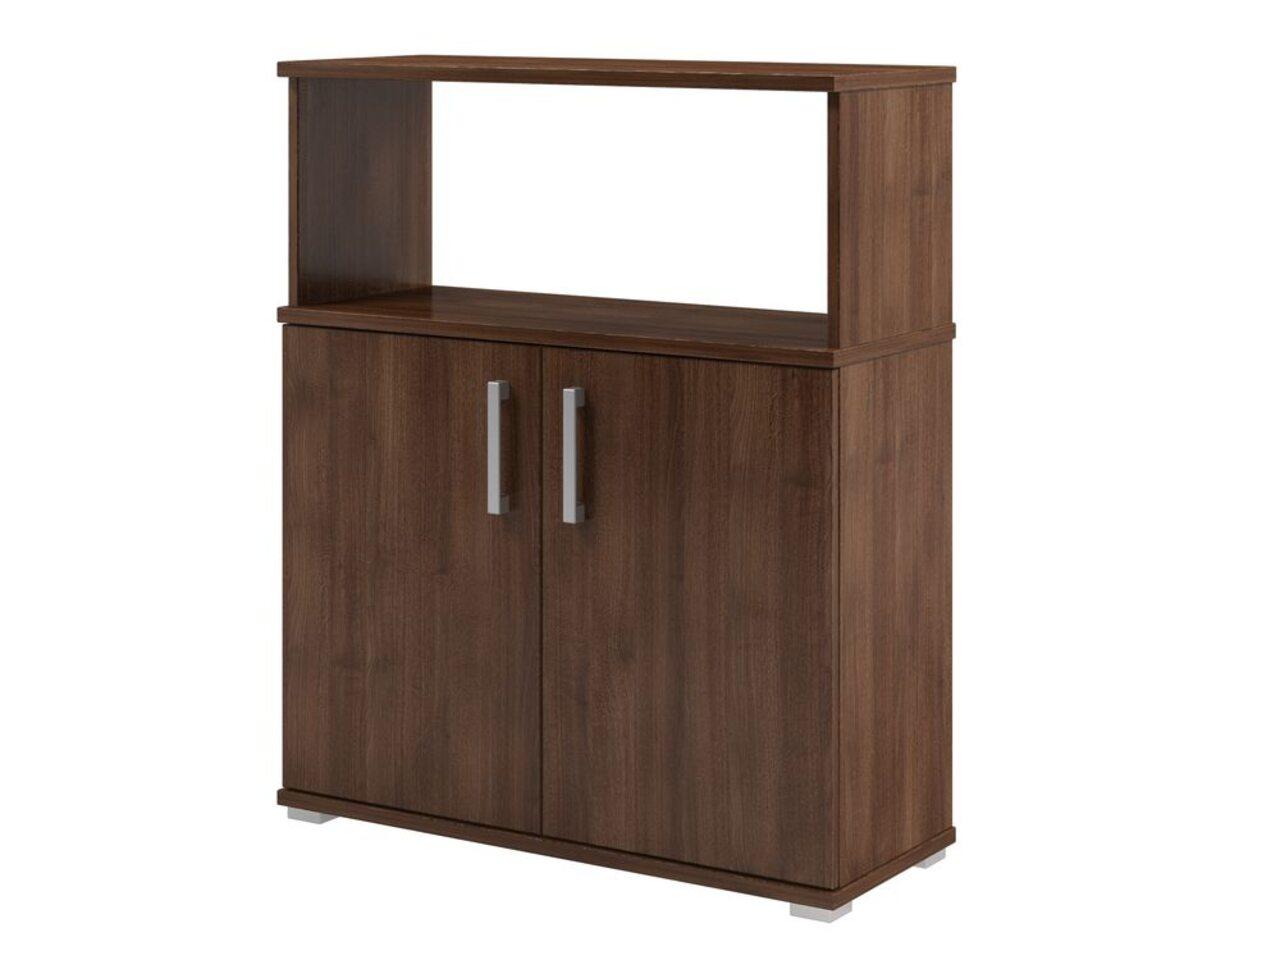 Шкаф приставной к столу  Space 90x35x108 - фото 1